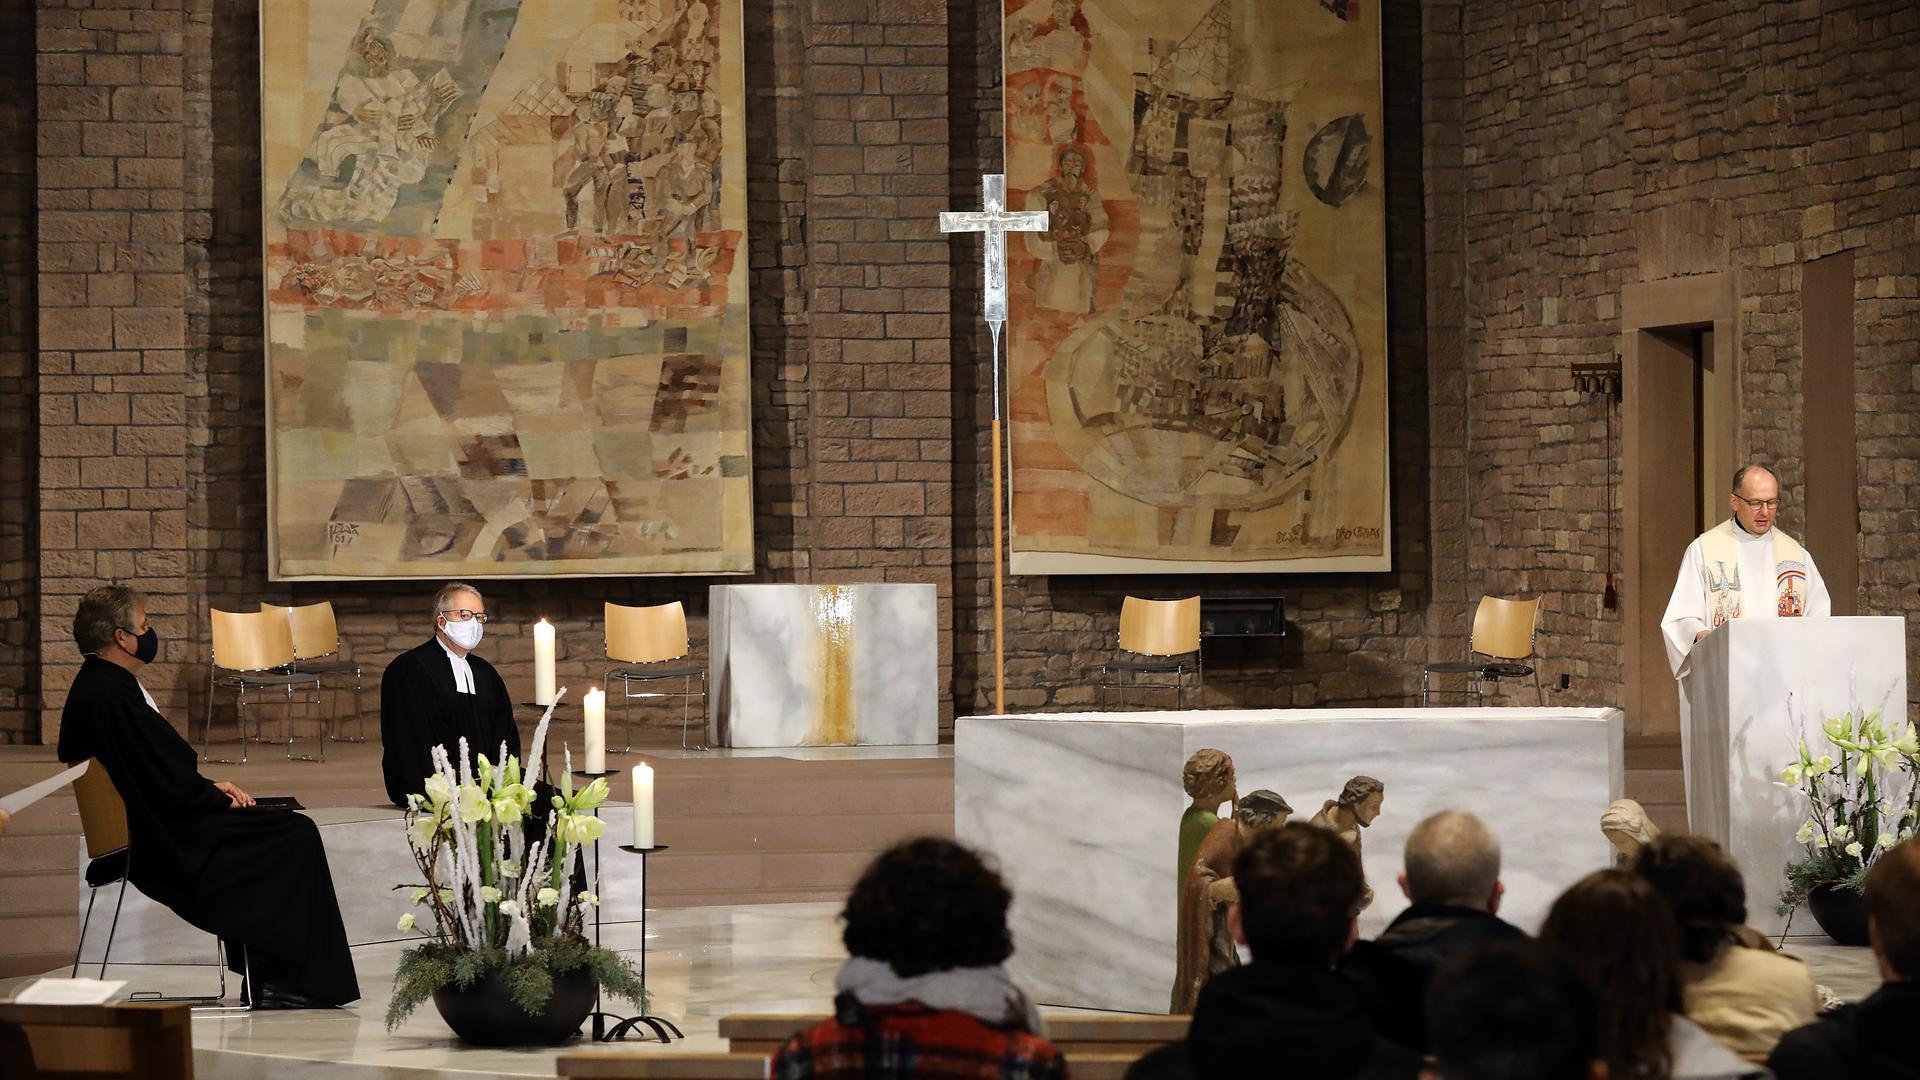 Live-Übertragung: Der Gottesdienst mit den drei Karlsruher Dekanen Hubert Streckert, Thomas Schalla und Martin Reppenhagen konnte am Heiligen Abend im Fernsehen angeschaut werden.